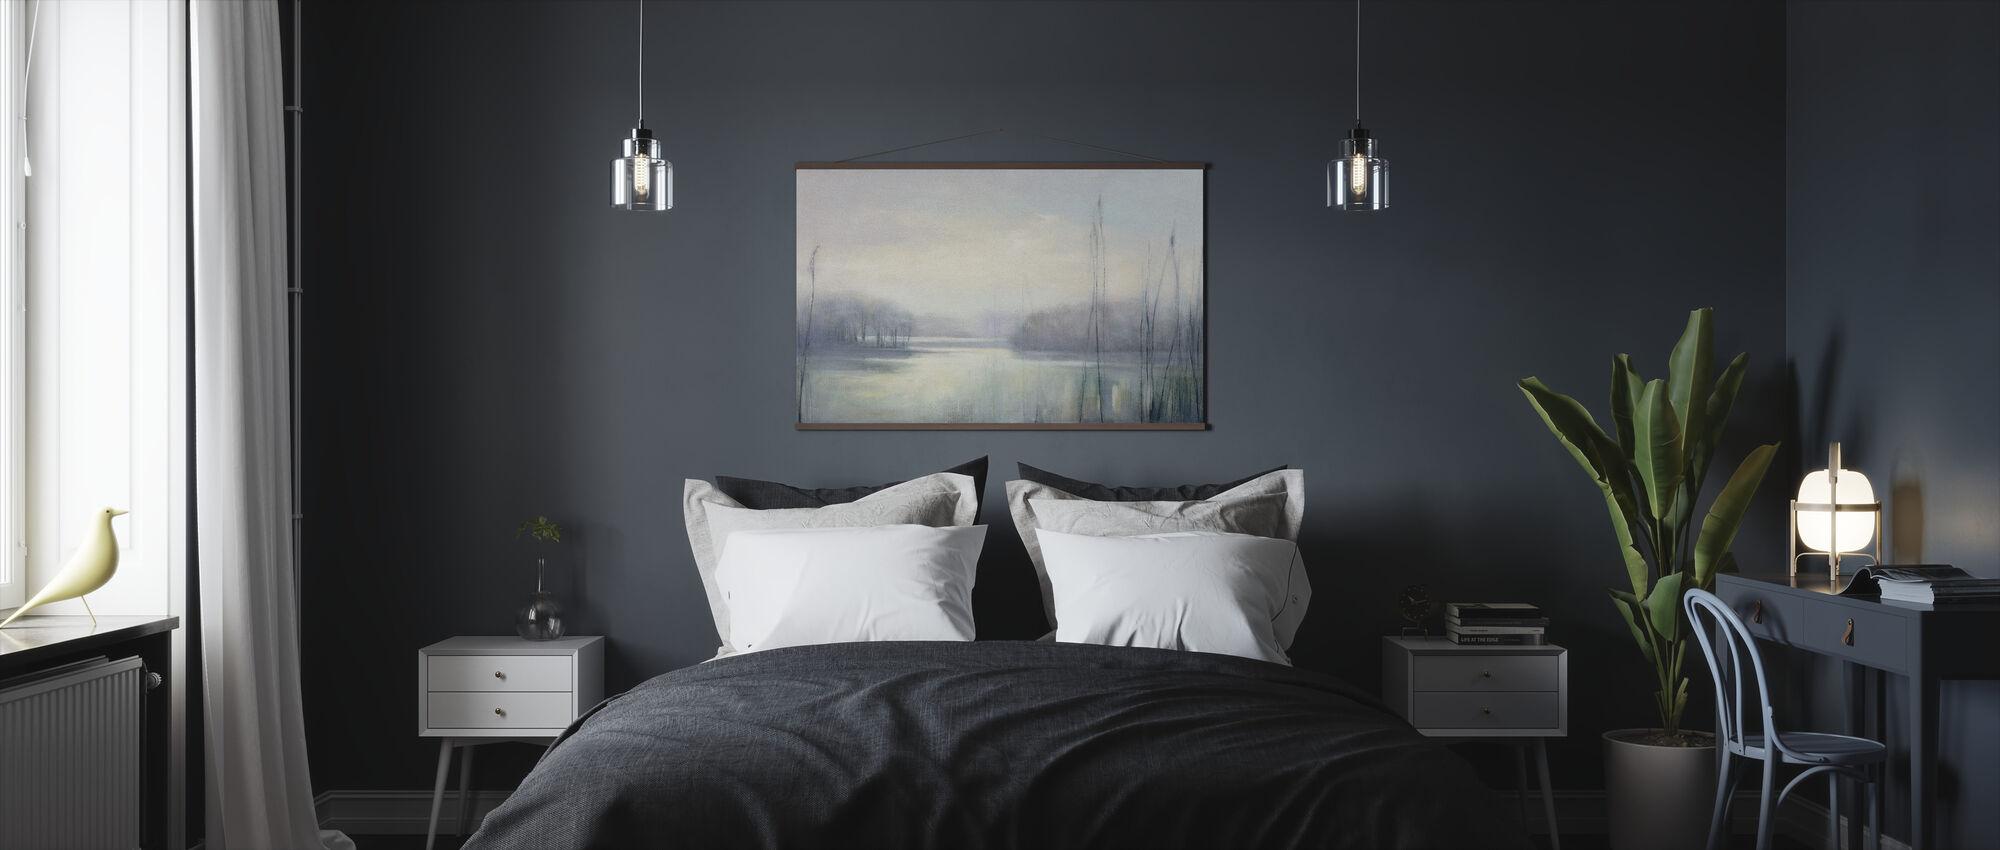 Misty Memories - Poster - Bedroom